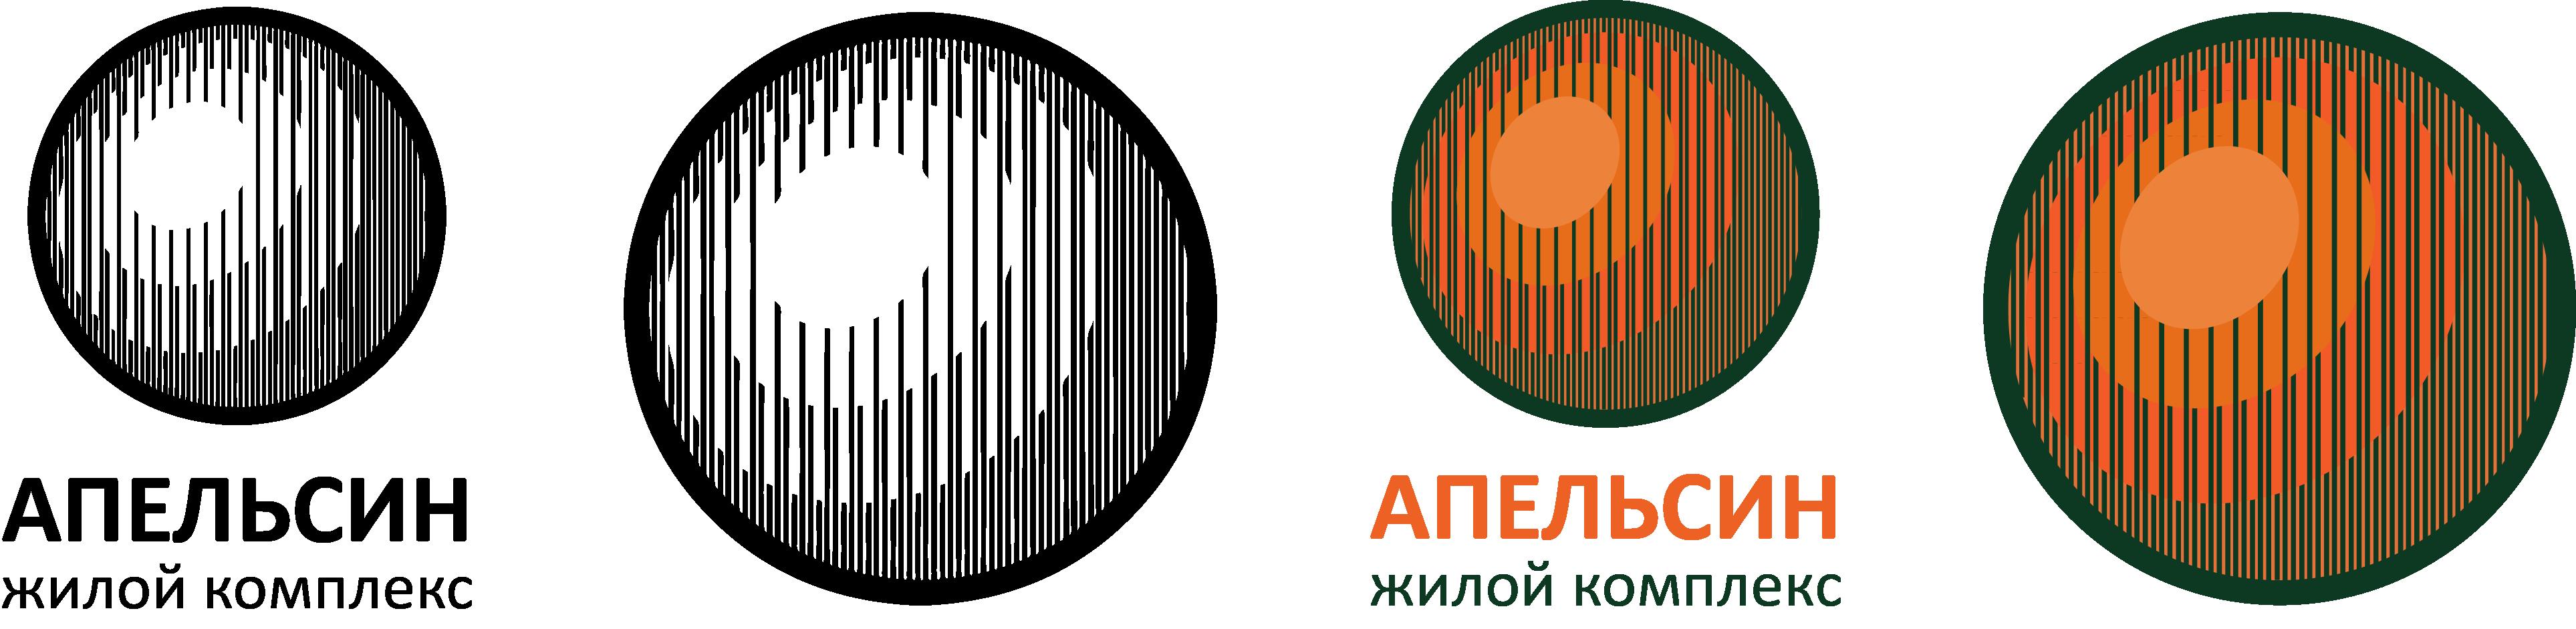 Логотип и фирменный стиль фото f_8555a71968bbe7b5.png